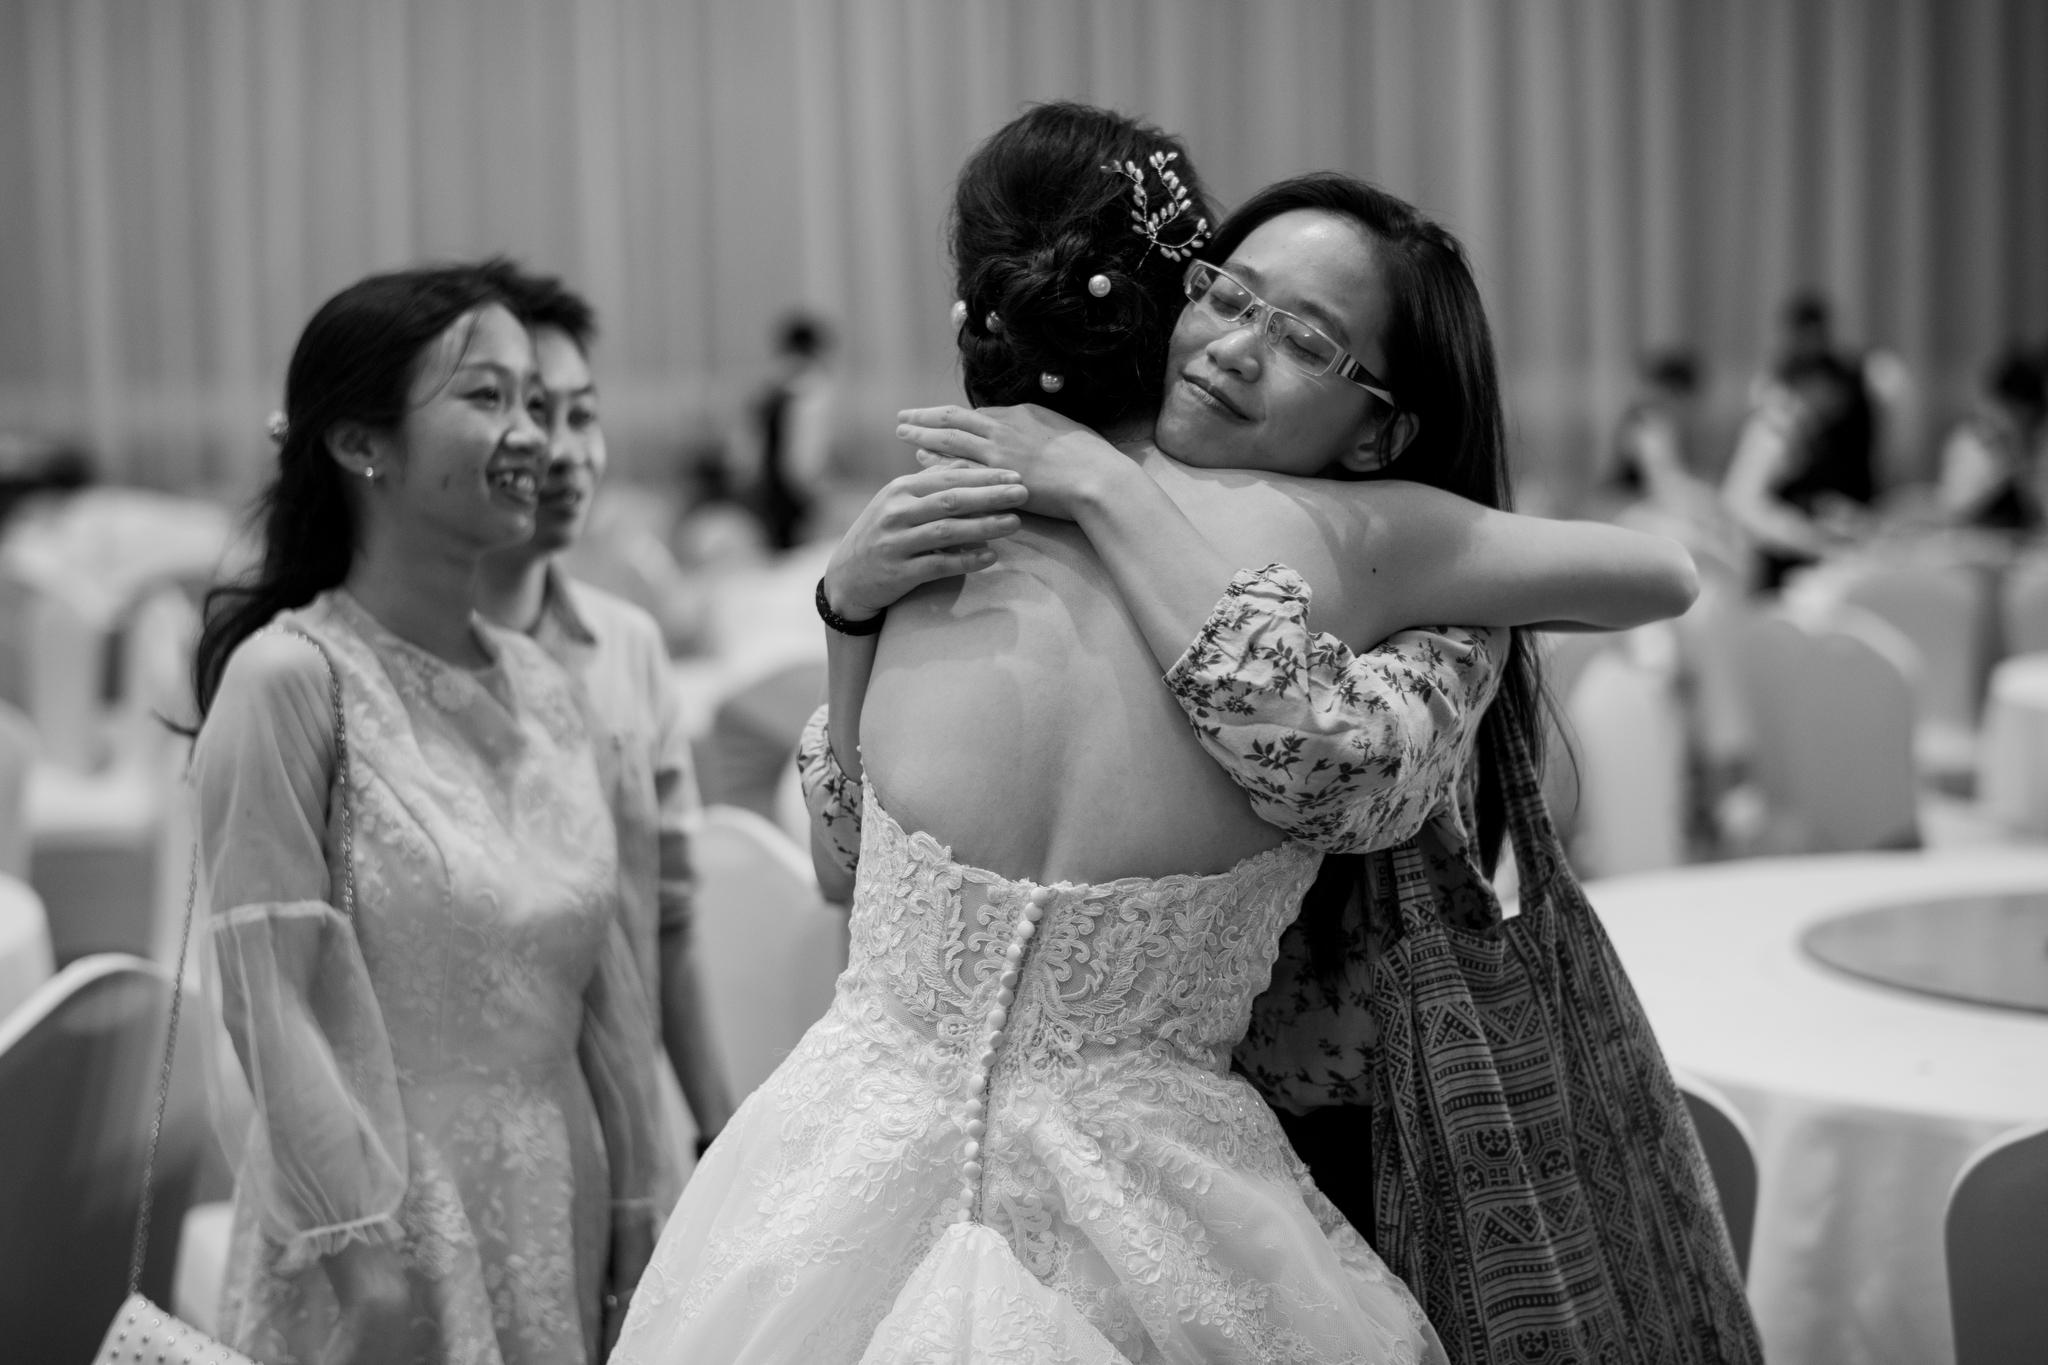 https://huk.s3.amazonaws.com/uploads/image/source/1460/Phuong-Diep-HN-Ceremony-2-0443.JPG